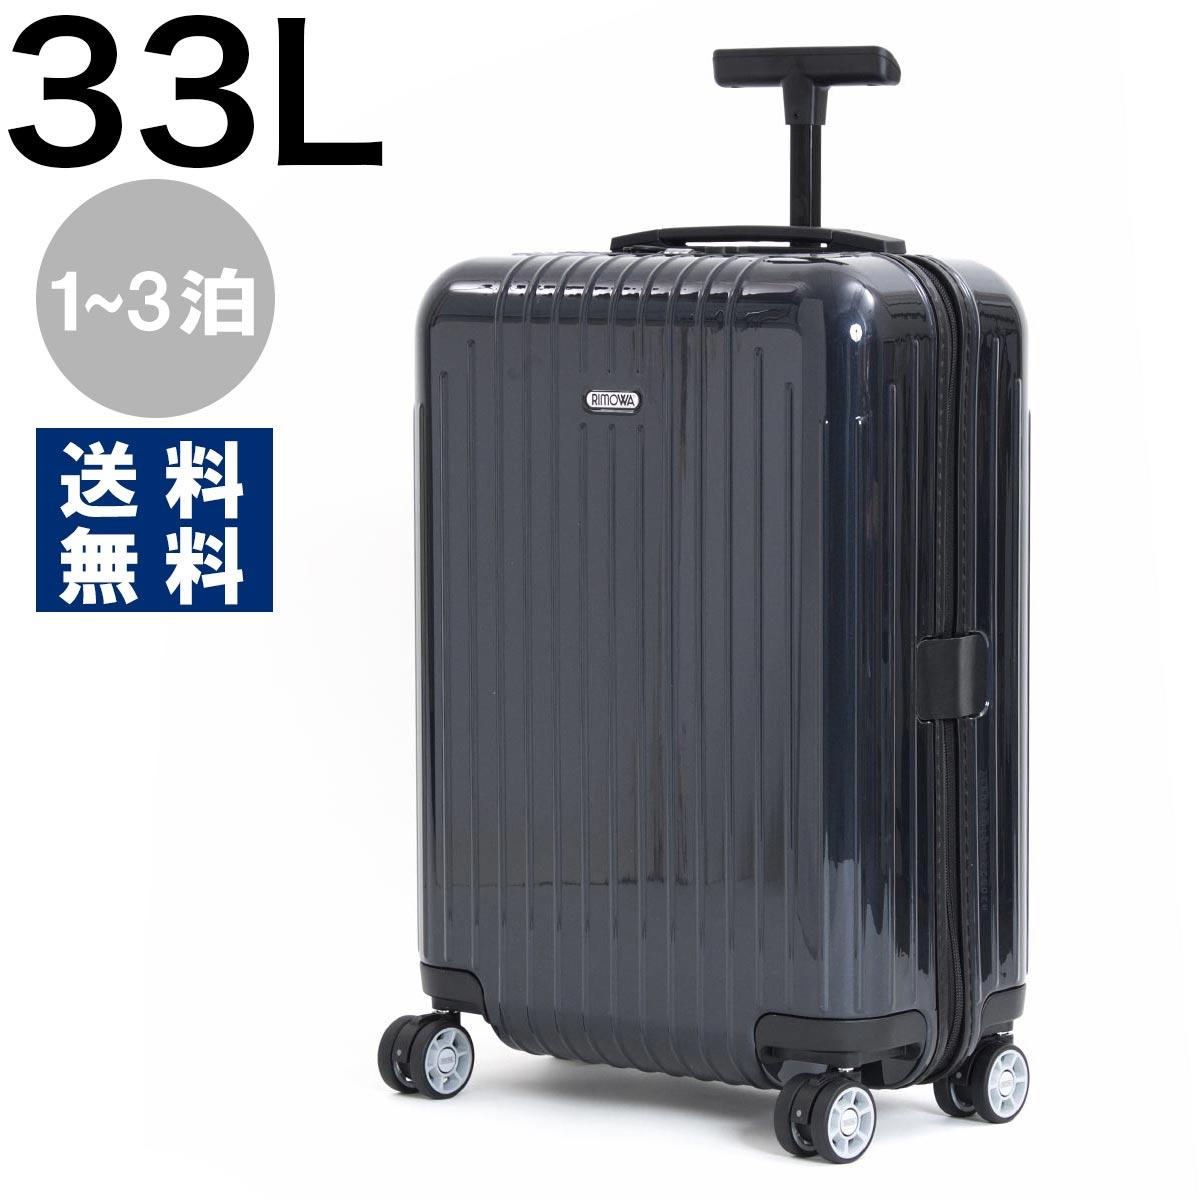 リモワ スーツケース/旅行用バッグ バッグ メンズ レディース サルサ エアー ウルトラライト 33L 1~3泊 ネイビーブルー 820.52.25.4 RIMOWA